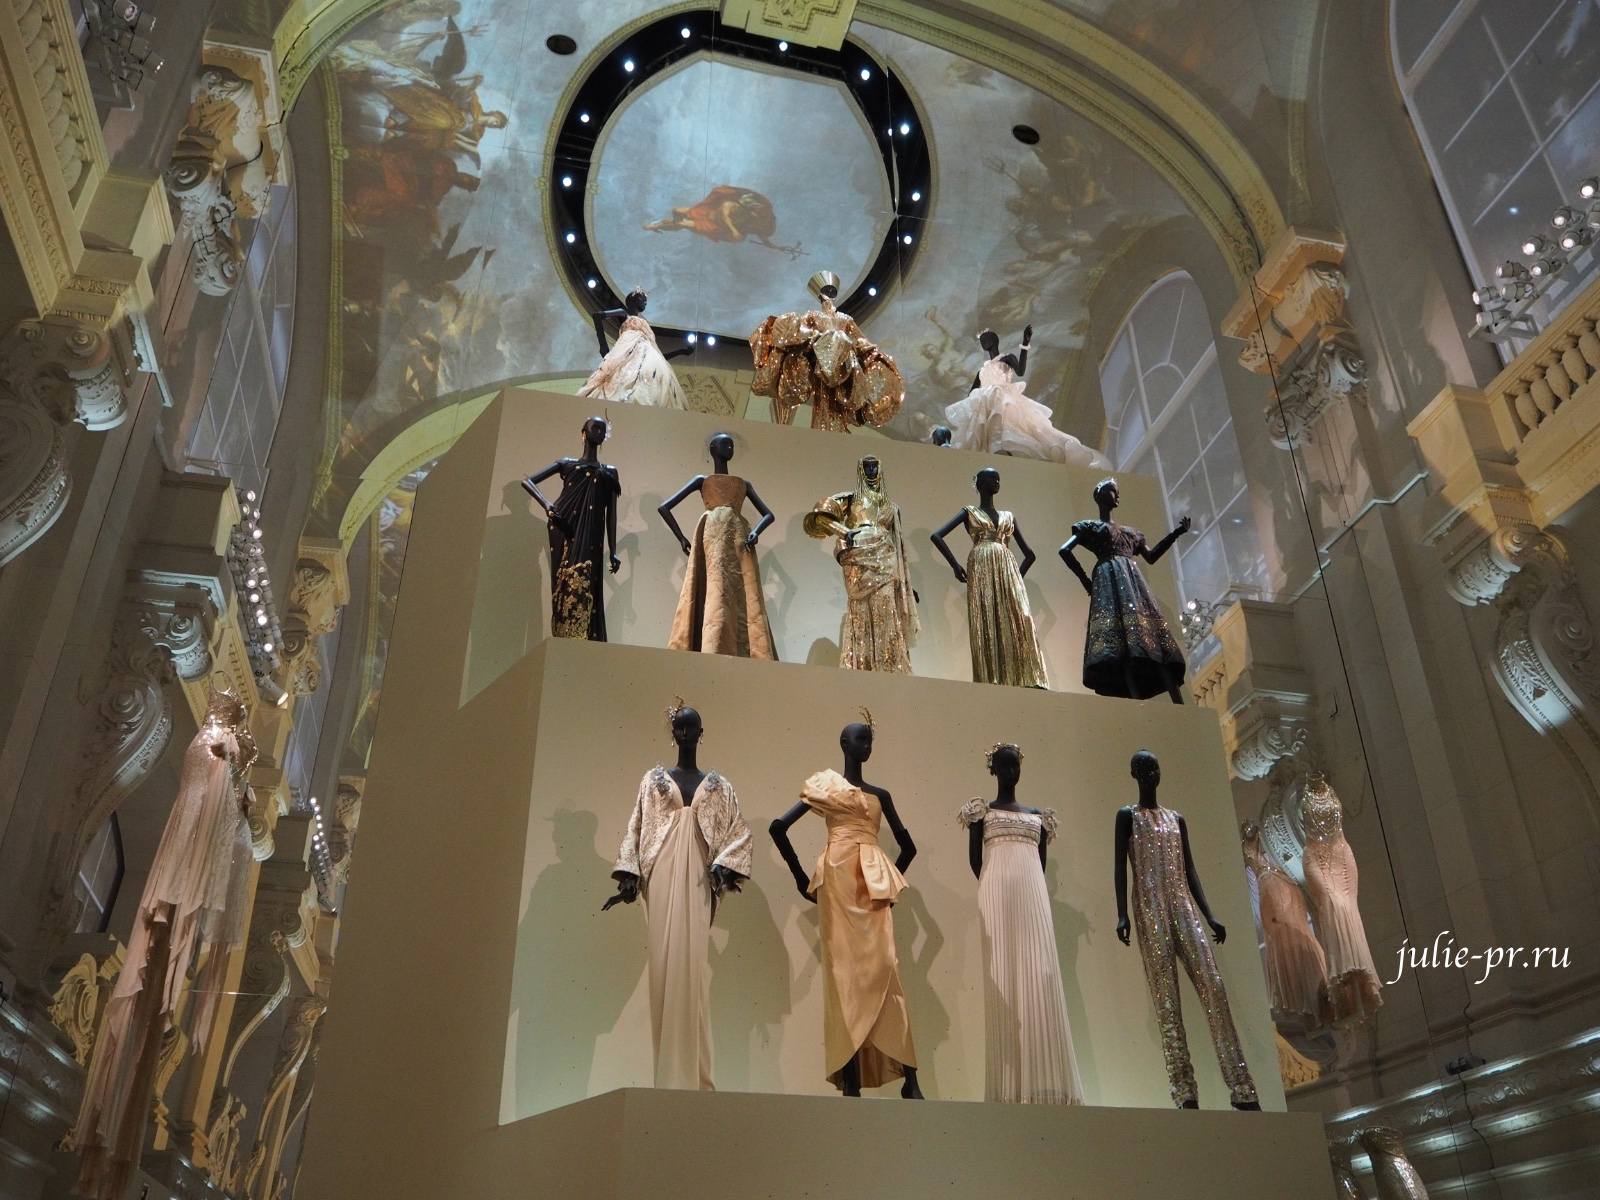 Выставка Christian Dior: Couturier Du Reve, Кристиан Диор кутюрье мечты, Музей декоративного искусства, Musee Des Arts Decoratifs, Париж